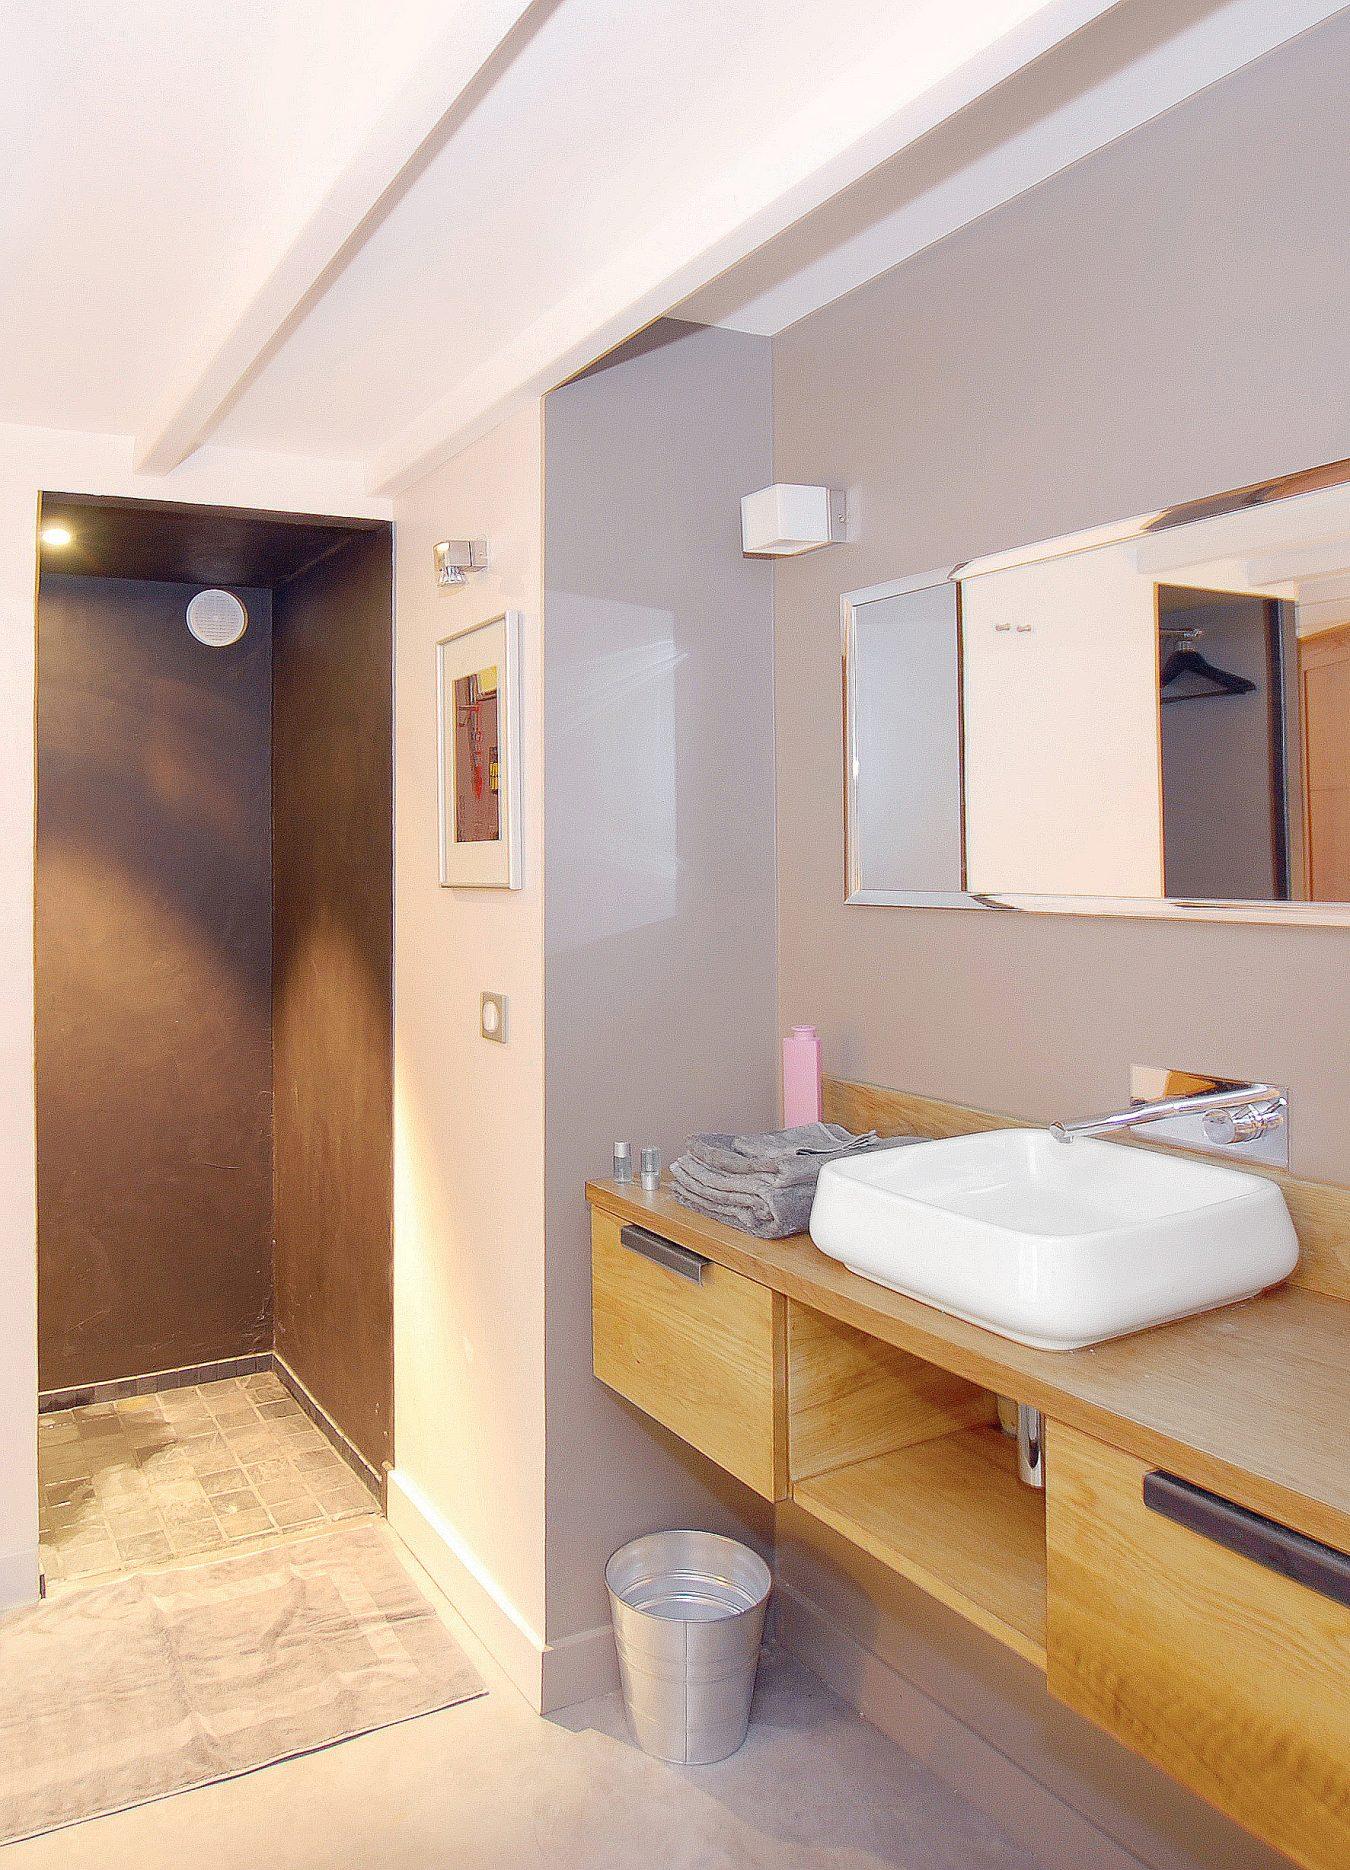 Anouck Charbonnier - Aménagement de la salle de bain d'un studio sur cours